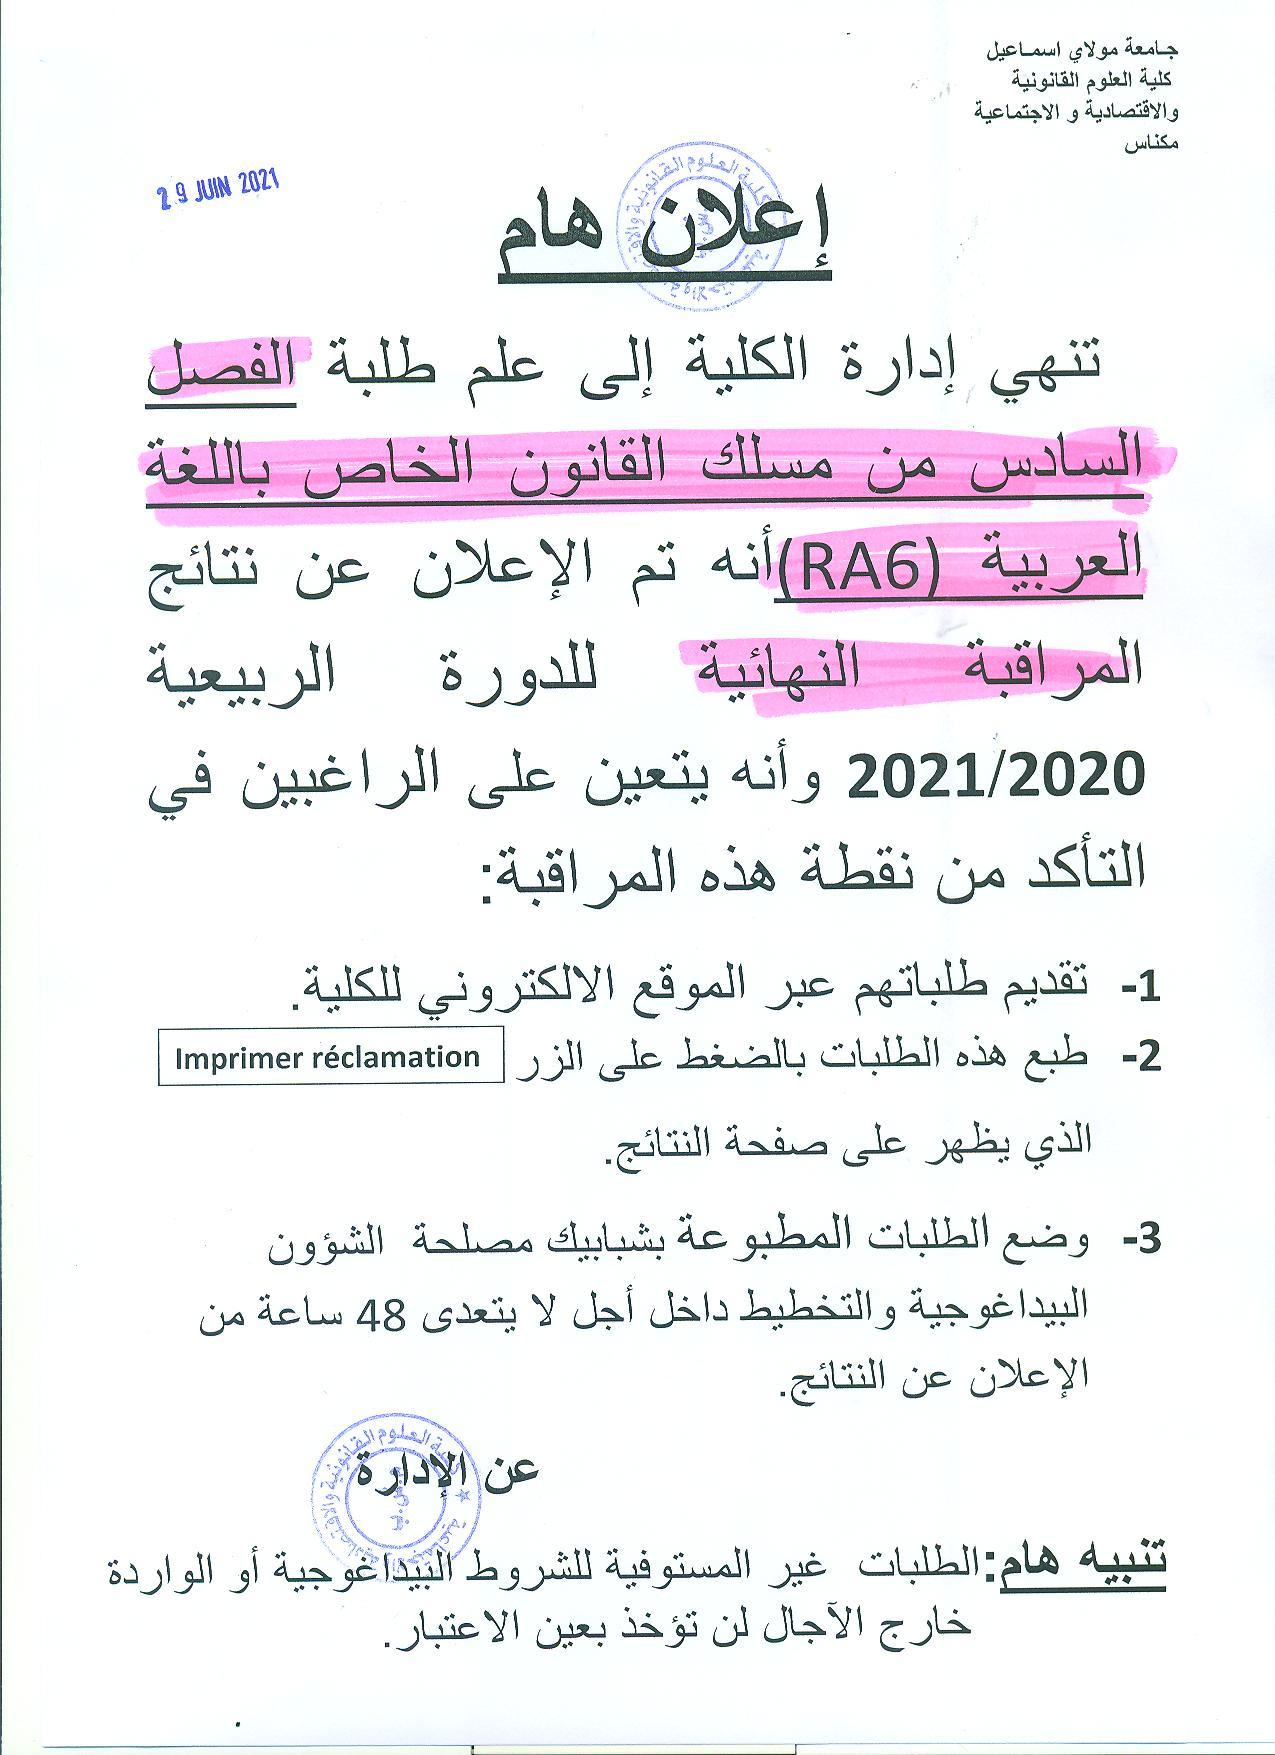 إعلان لطلبة السداسية السادسة : قانون خاص باللغة العربية